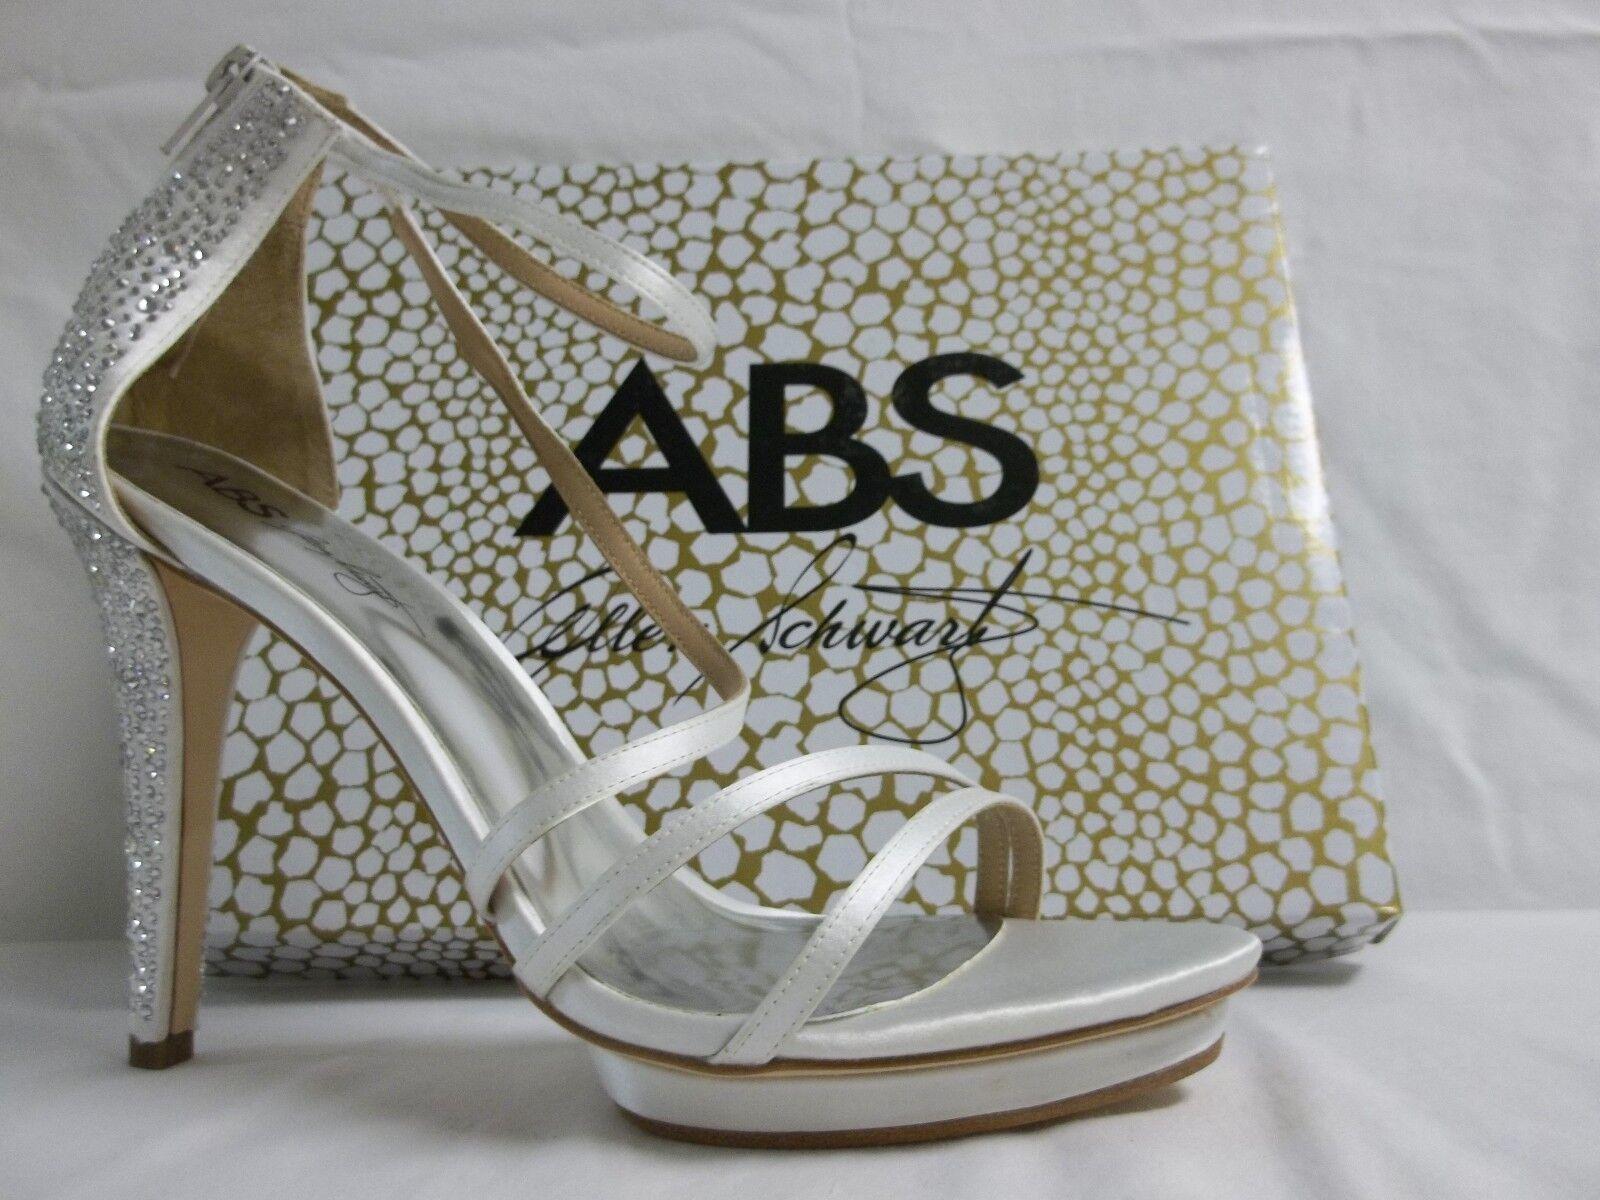 ABS By Allen Schwartz Größe 10 M All Star WEISS Satin Heels NEU Damenschuhe Schuhes